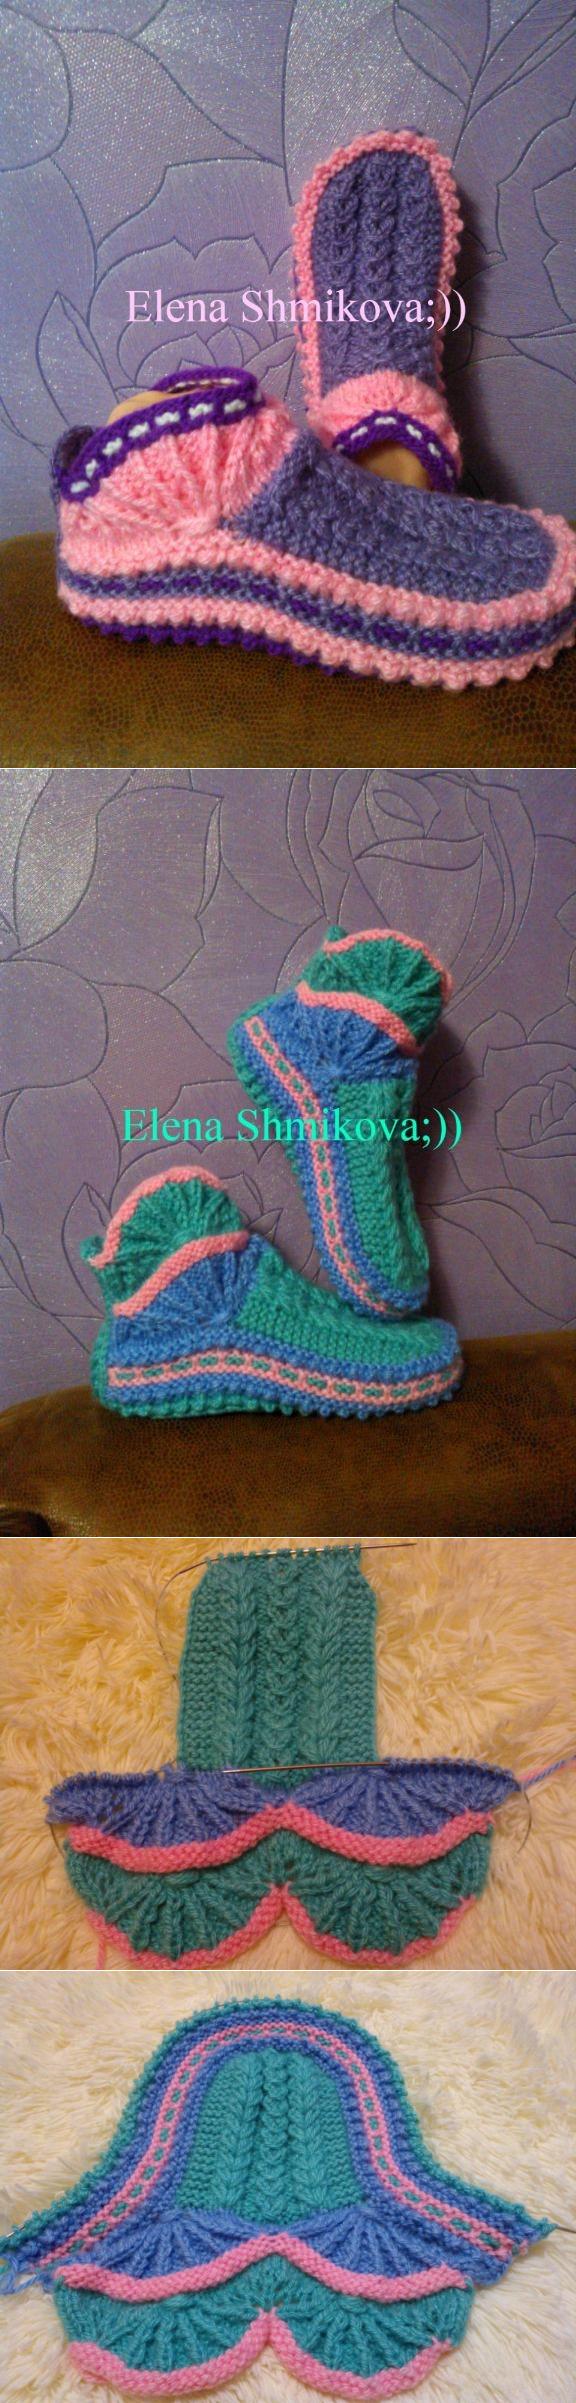 Вязаная обувь | Speicher häkeln, Stricken und Strümpfe/Socken